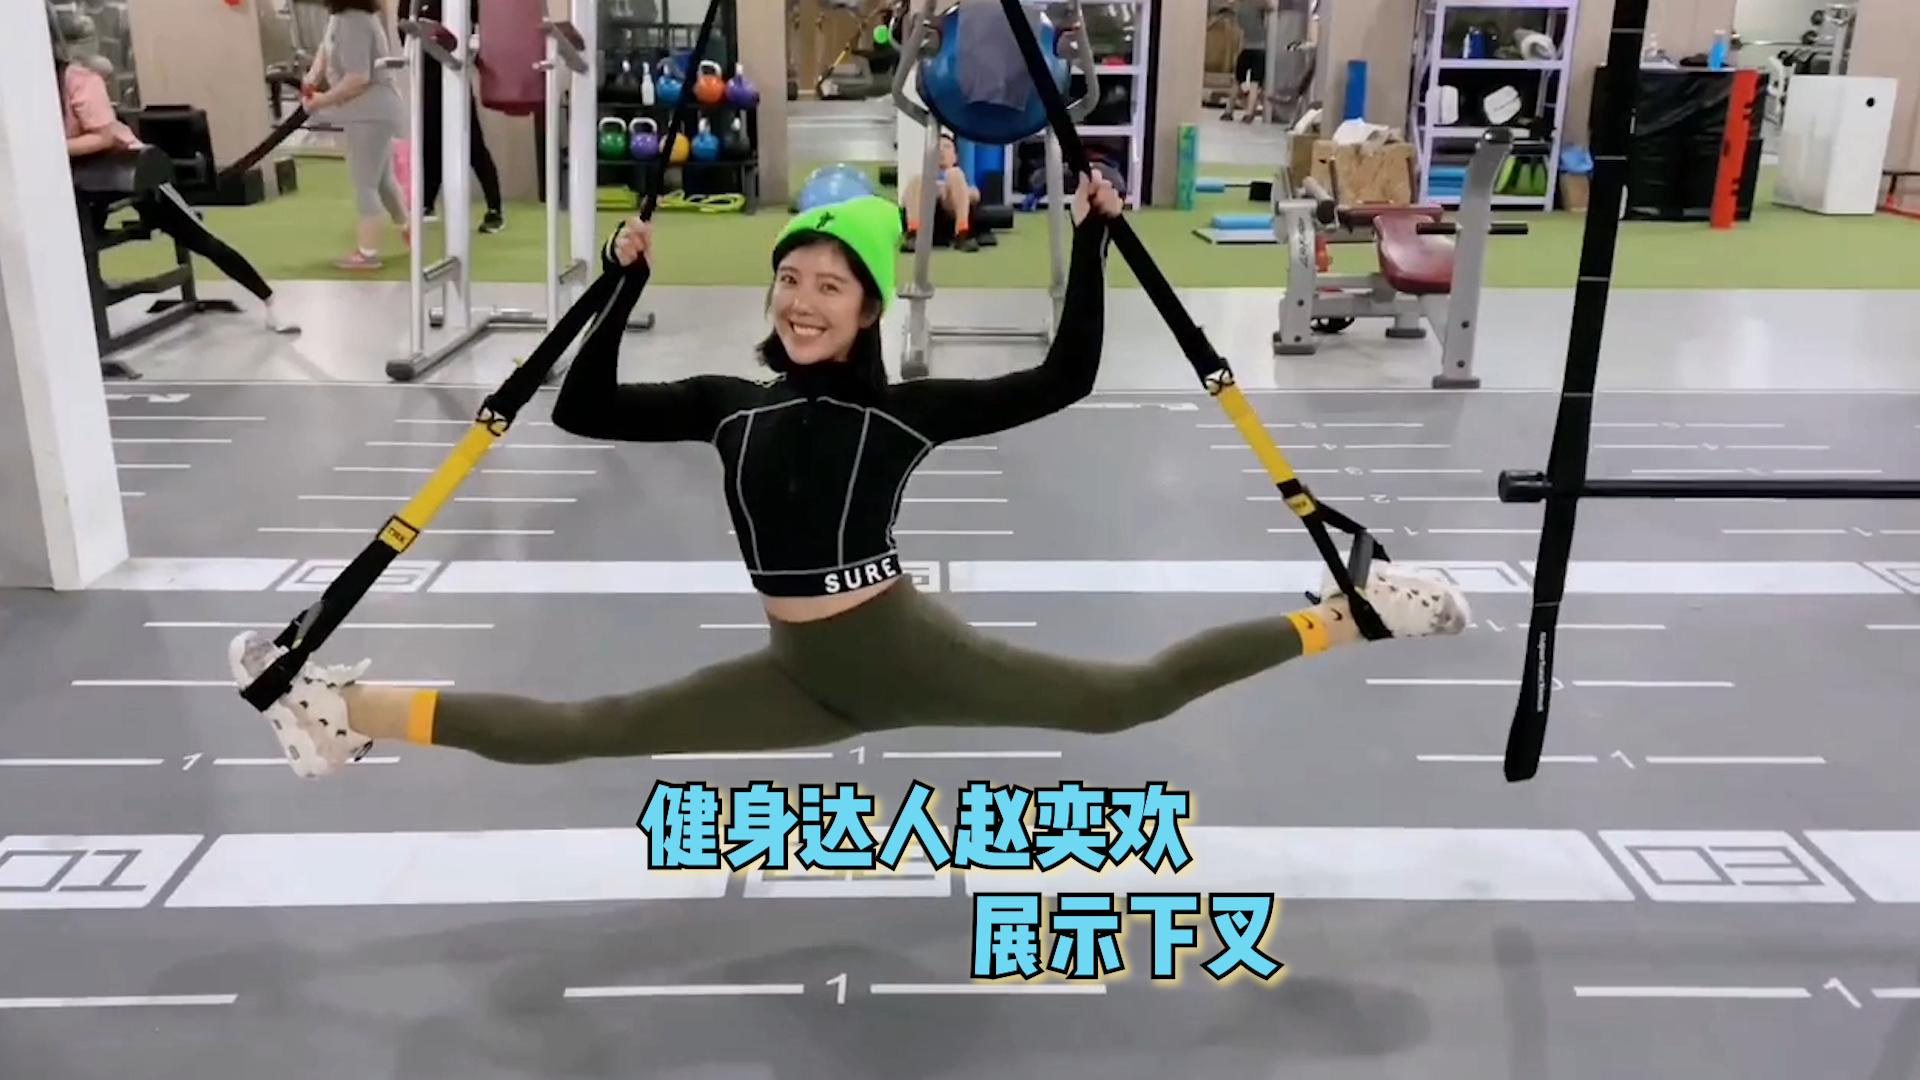 太厉害!赵奕欢晒健身视频空中劈叉秀超强柔韧度,好身材实力抢镜